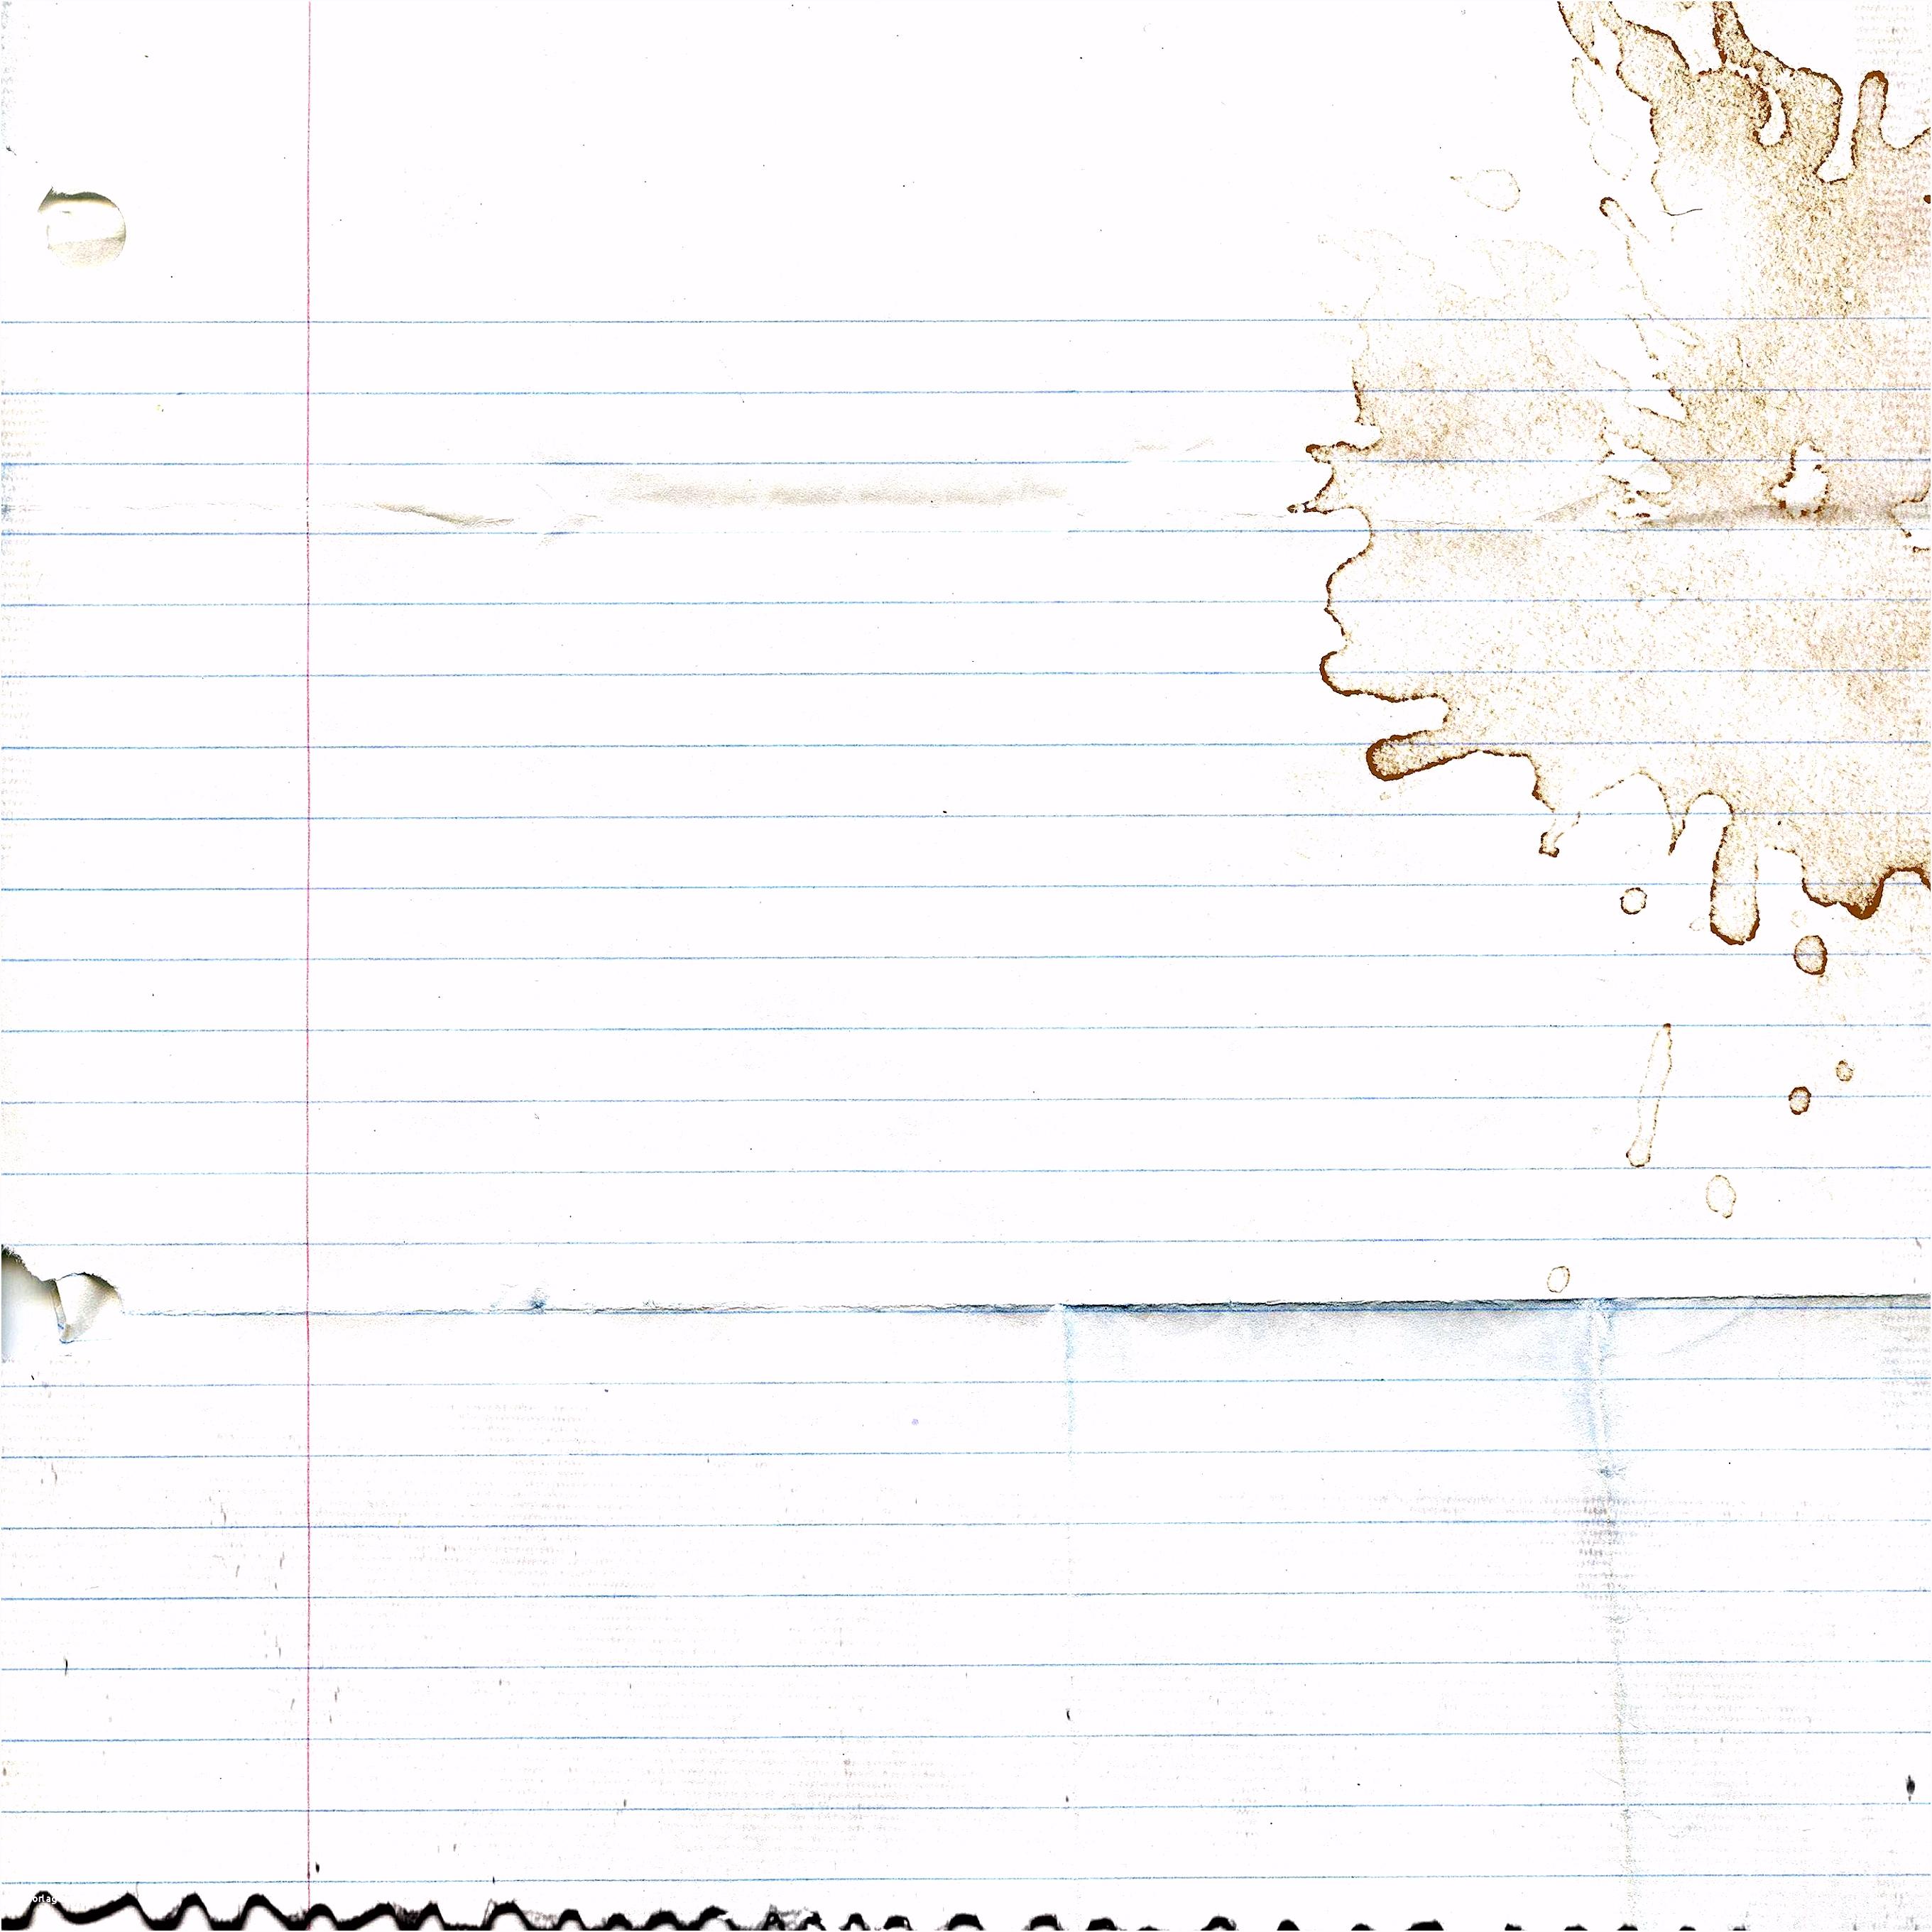 Pixum Fotobuch Vorlagen 67 Inspirierende Bilder Der Fotobuch Vorlagen O9ud06toh6 Tuar42qffm